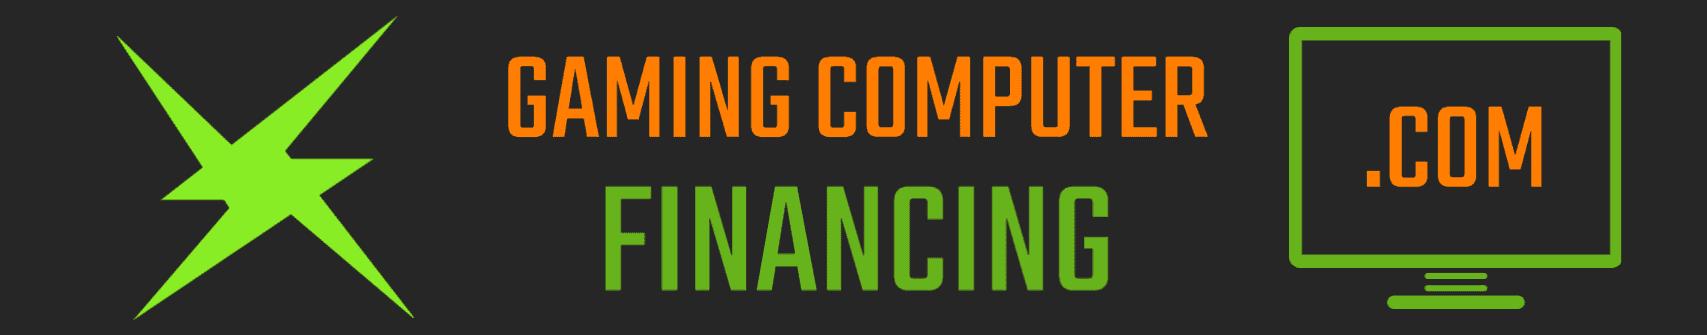 Gaming Computer Financing, LLC